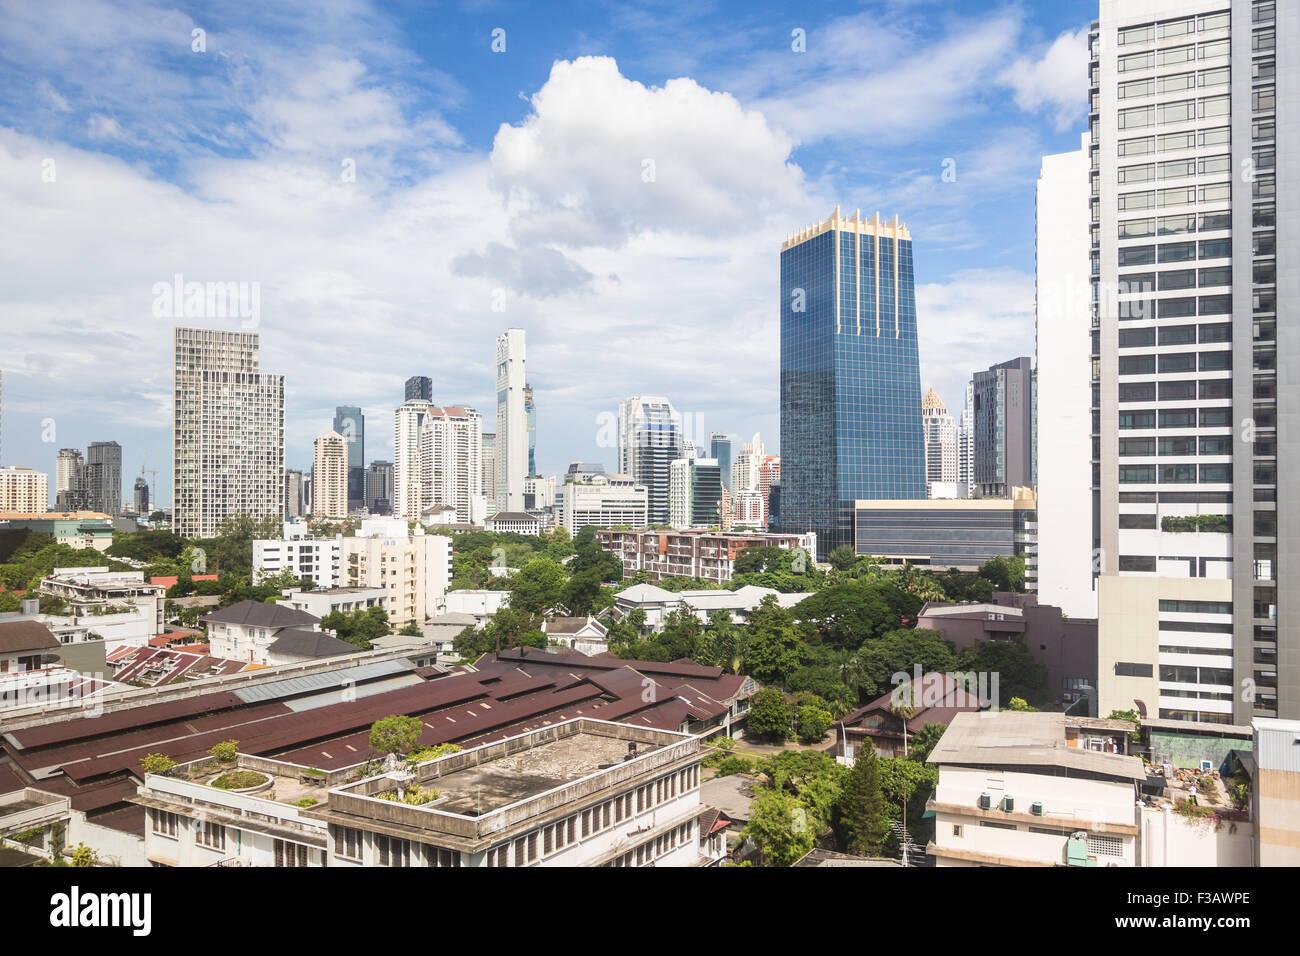 Moderne Skyline Bangkoks rund um das Geschäftsviertel Sathorn/Silom, enthält viele Luxushotels und Bürotürmen, Stockbild